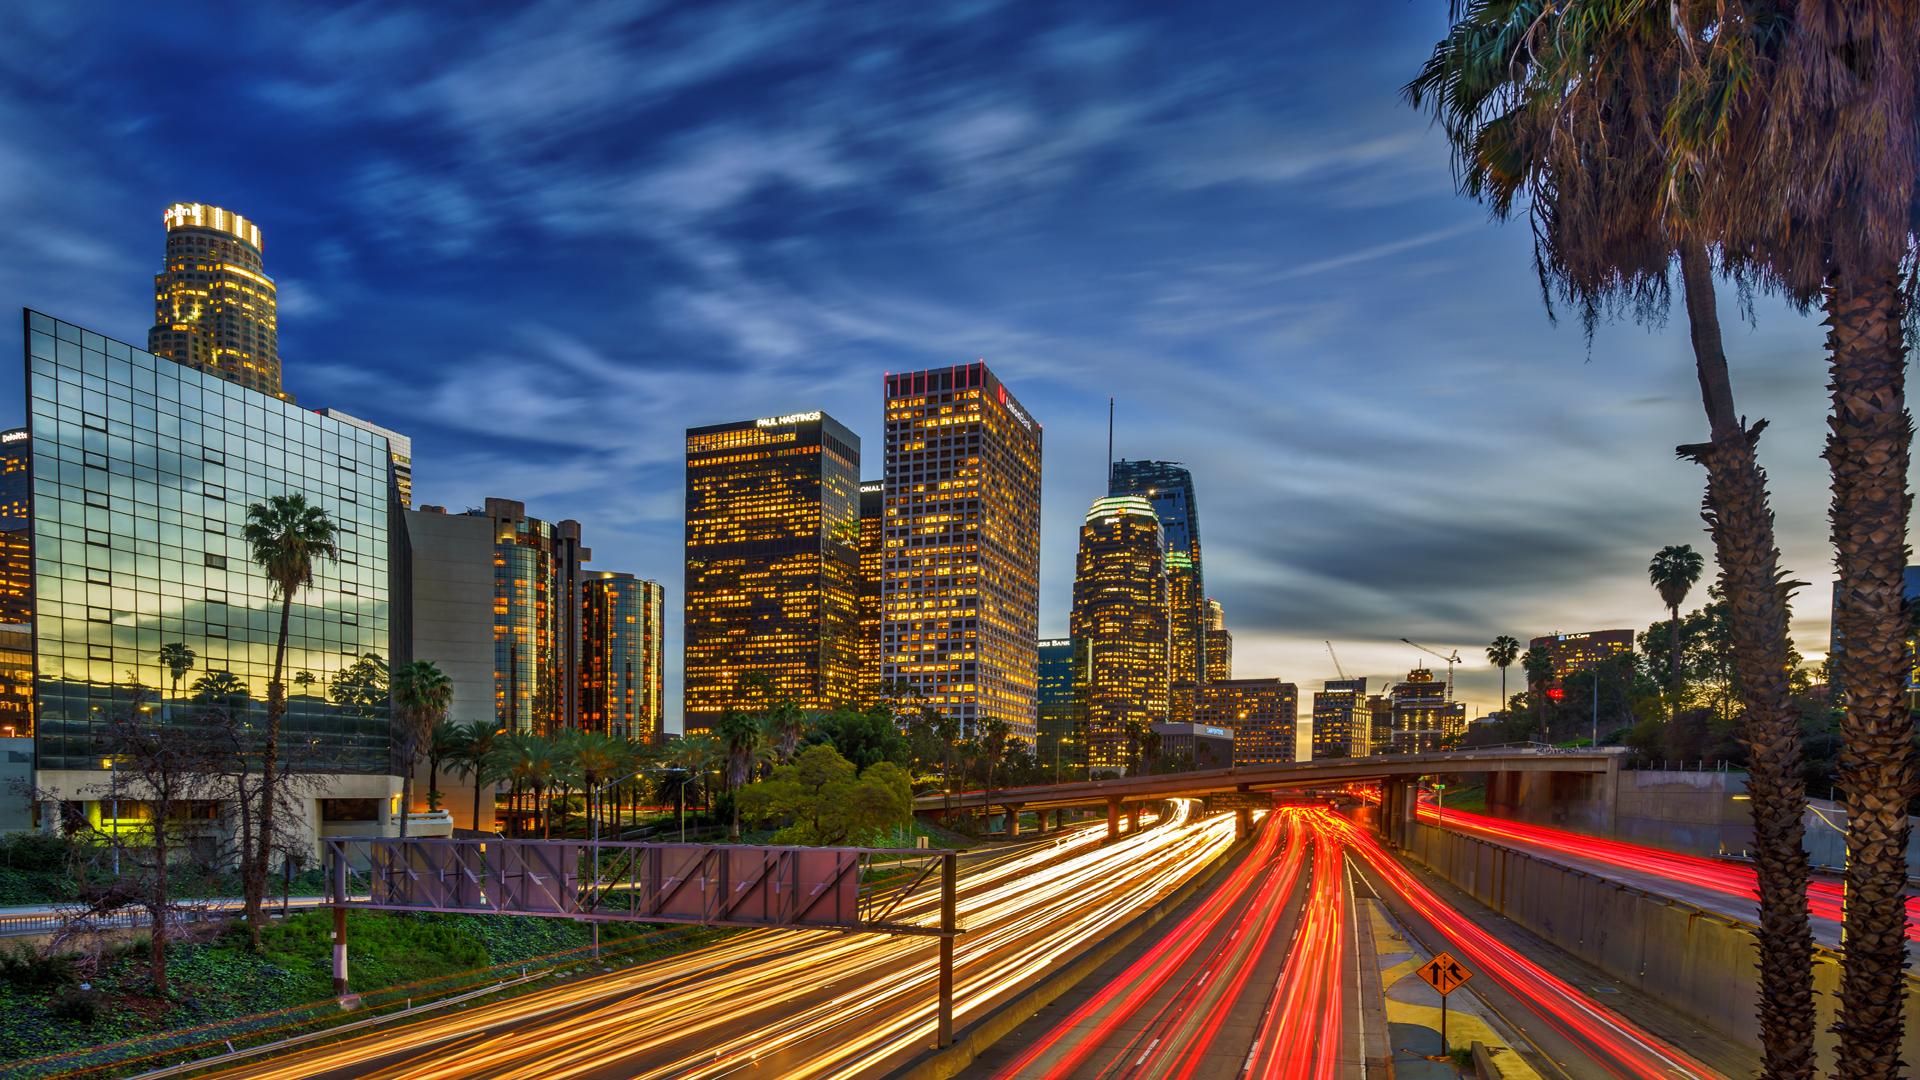 LA NightCityscape3